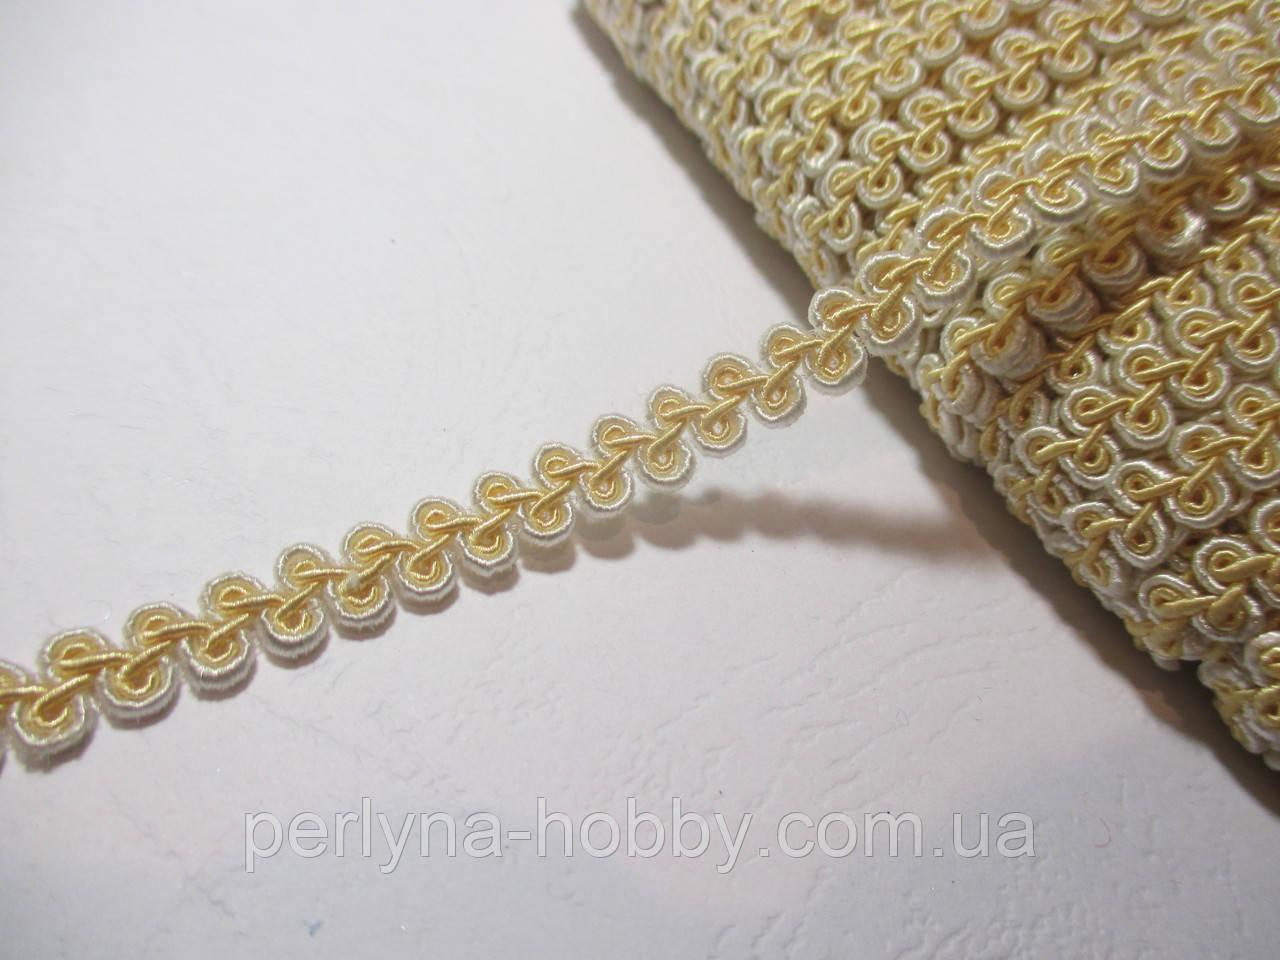 Тасьма декоративна Тасьма декоративна шанель вузька 6мм, кремова з пастельним жовтим